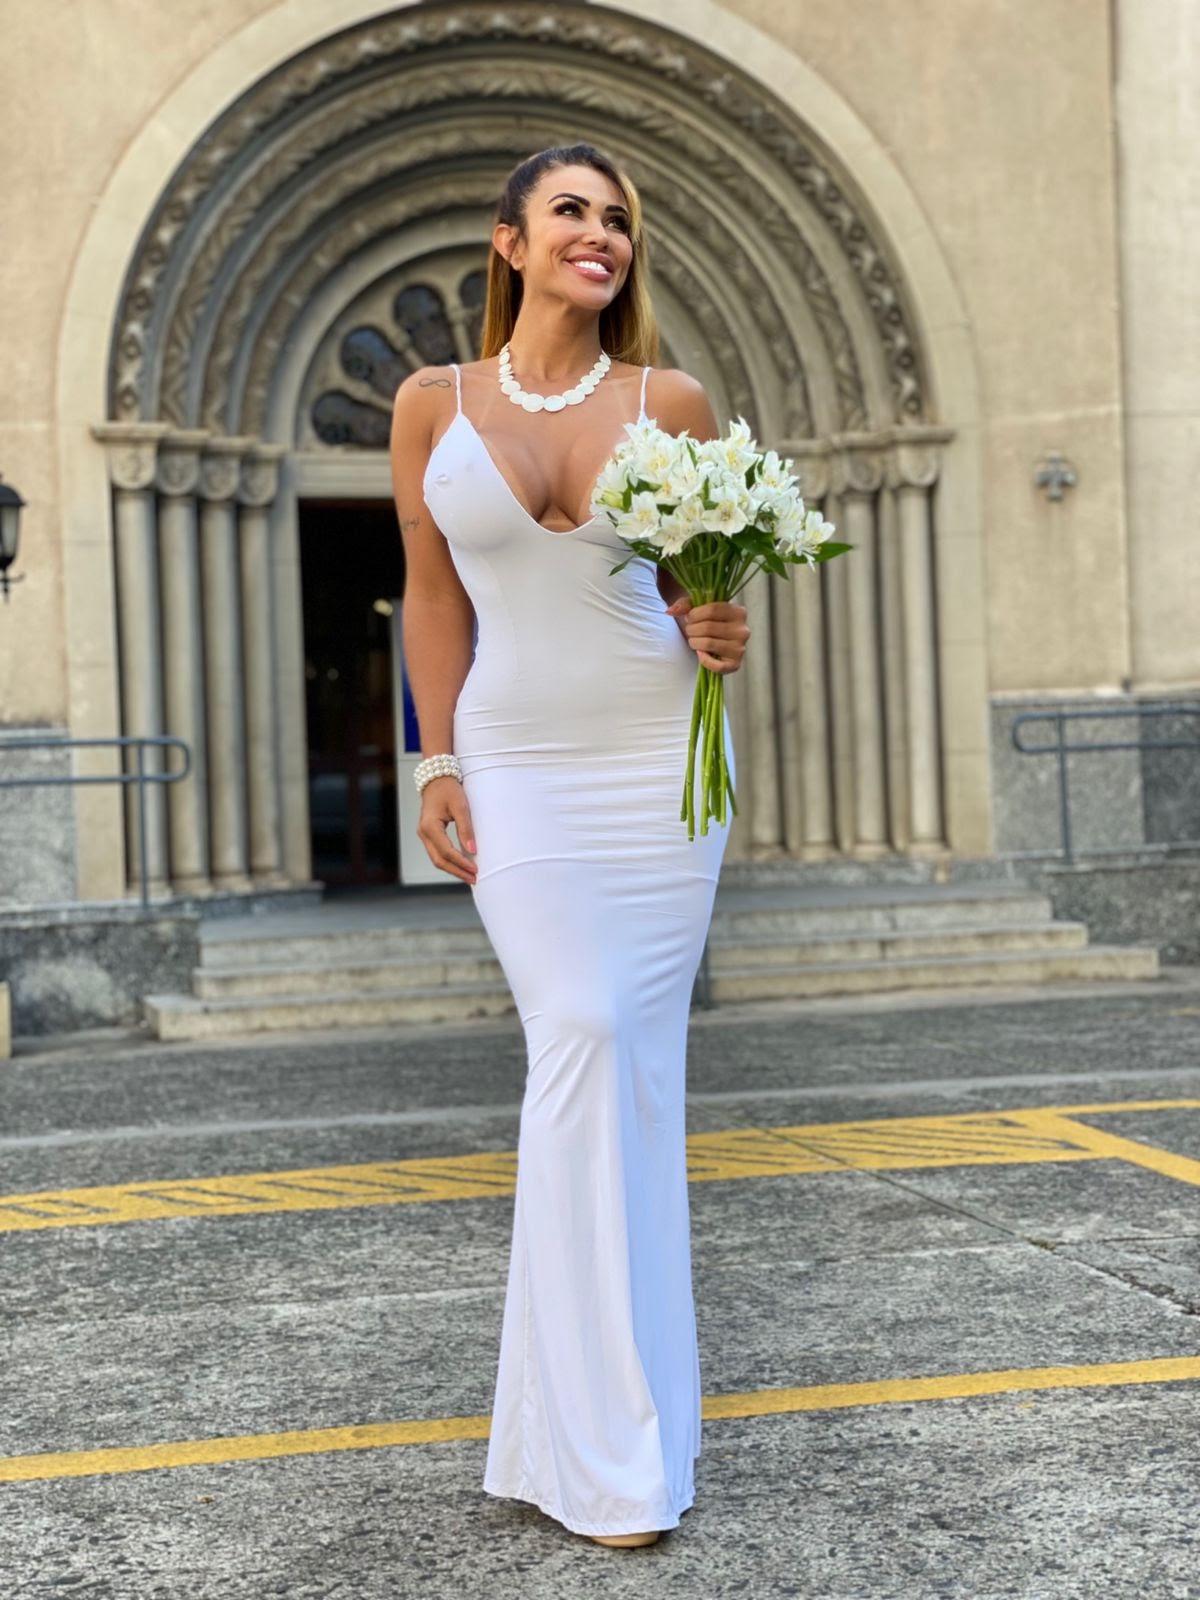 Cris Galêra revelou que se casou consigo mesma - Foto: Reprodução/CO Assessoria